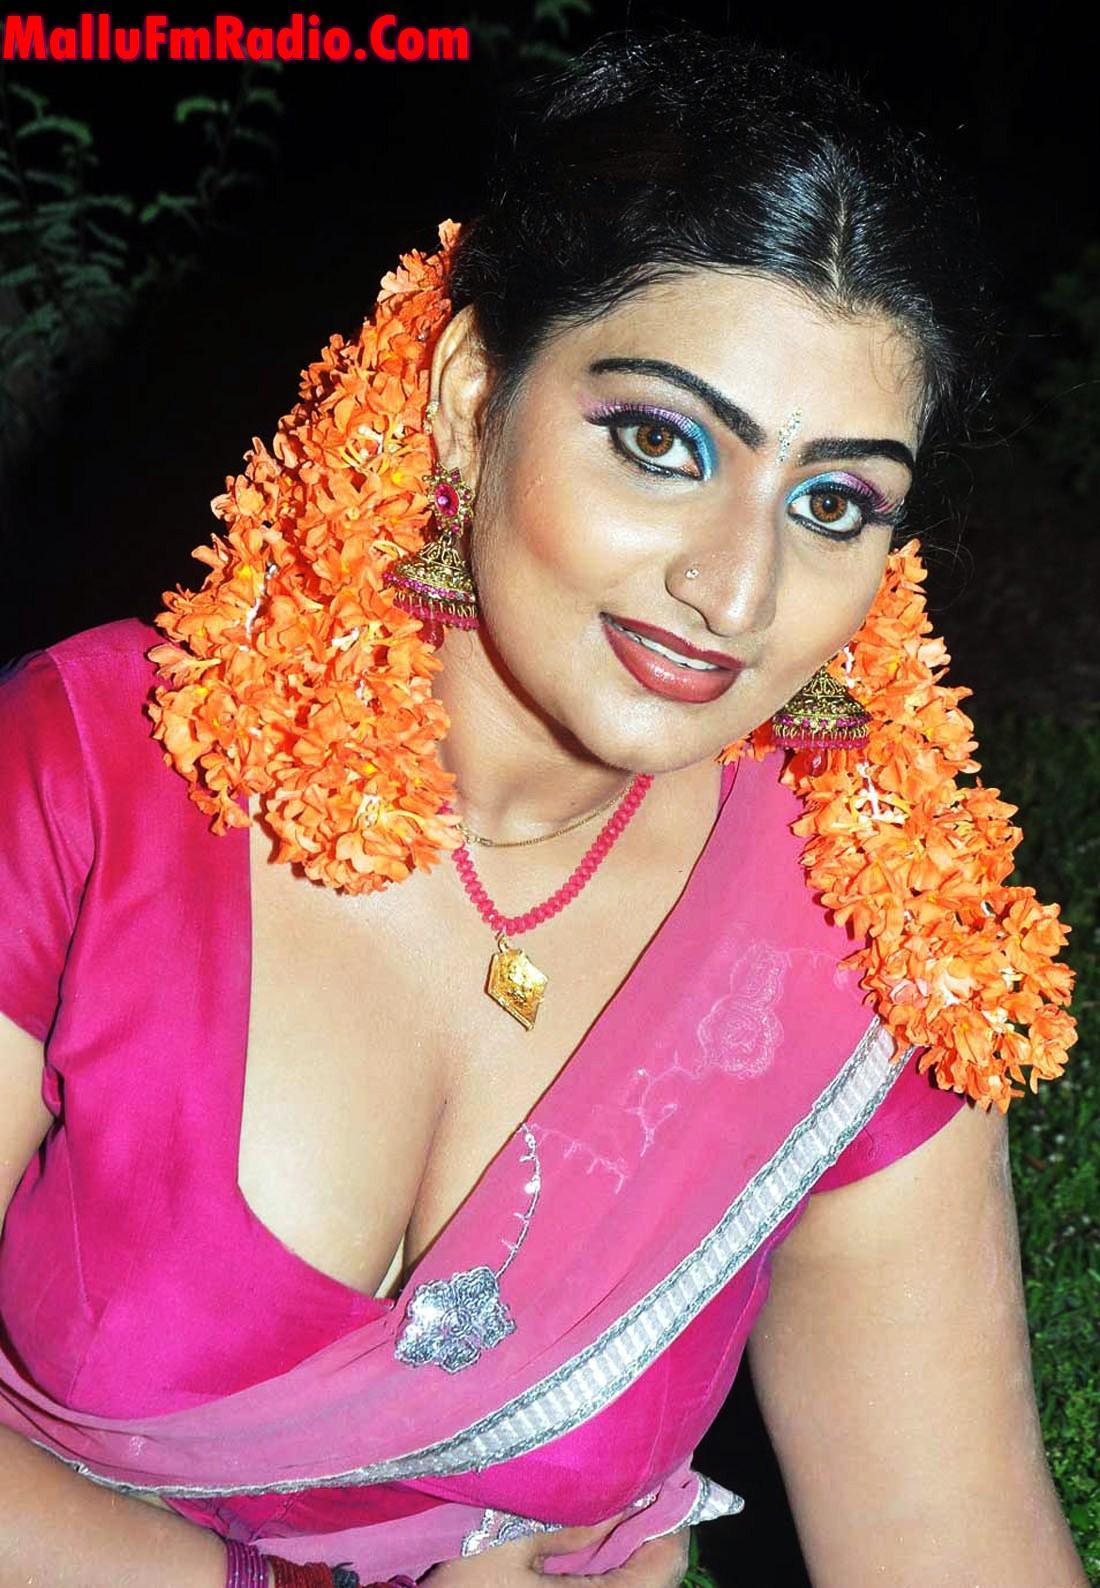 Mallu Super Periya Mulai Aunty Mulai Pic | Search Results | Latest ...